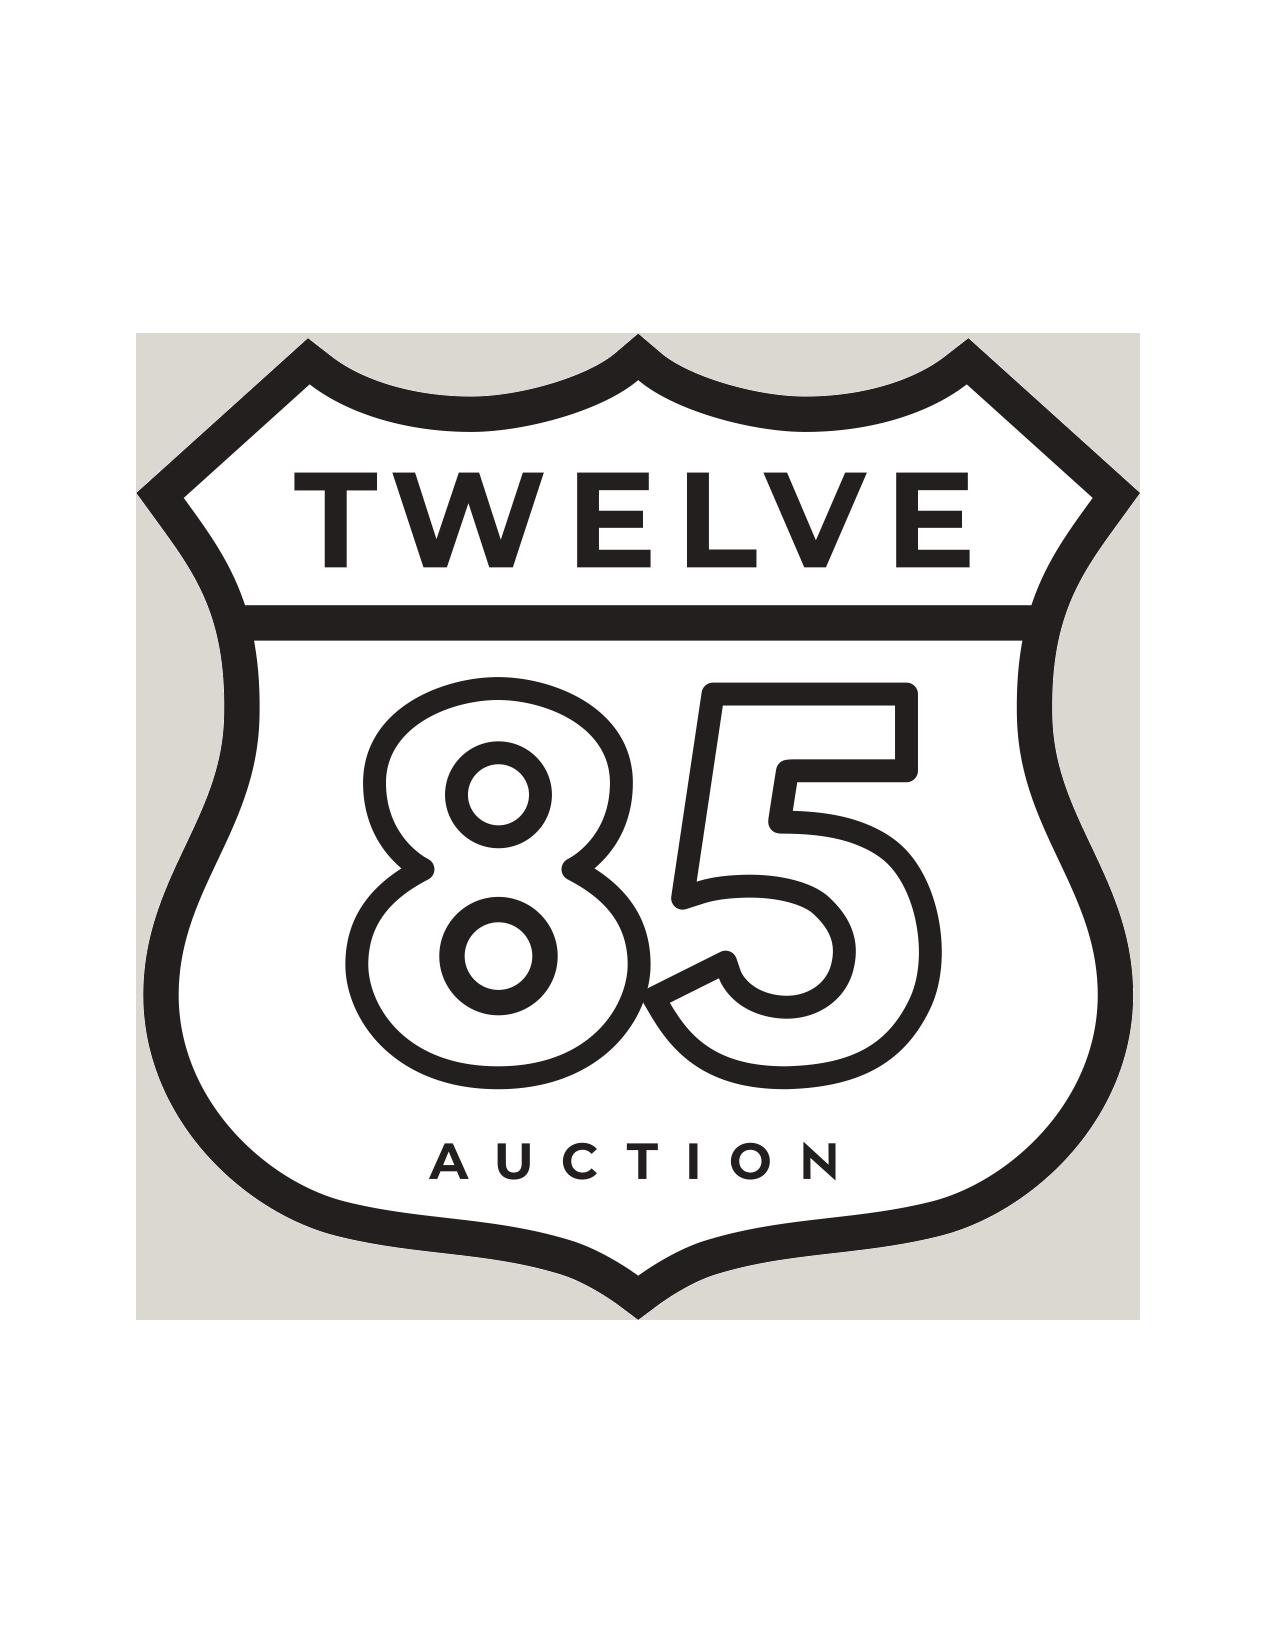 1285 Auctions